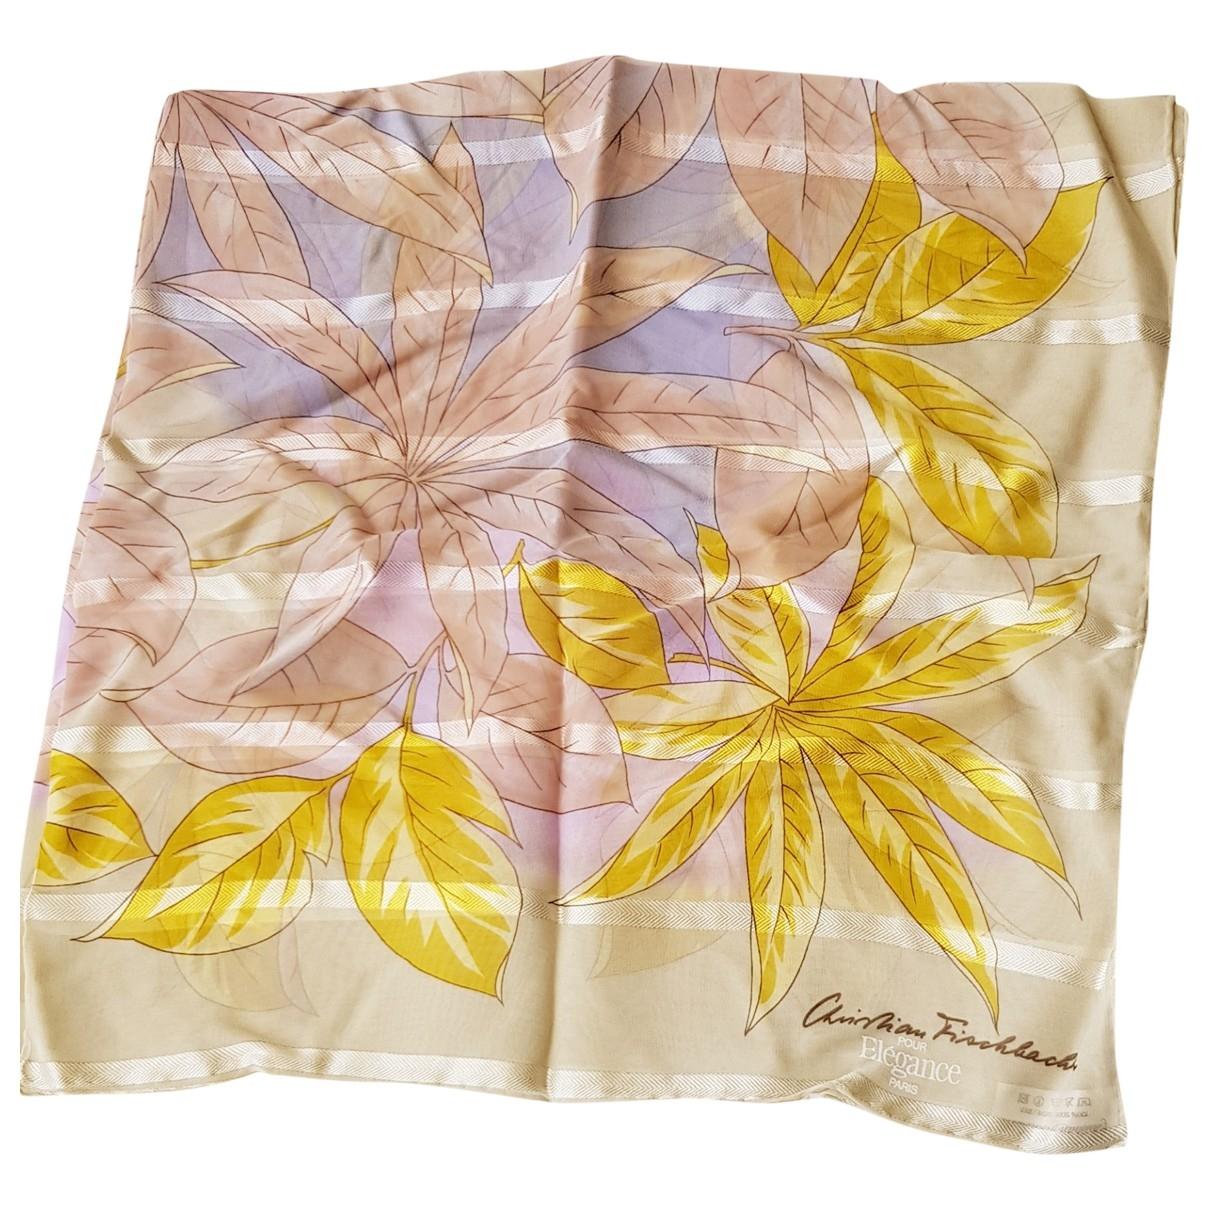 Pañuelo de Seda Elegance Paris